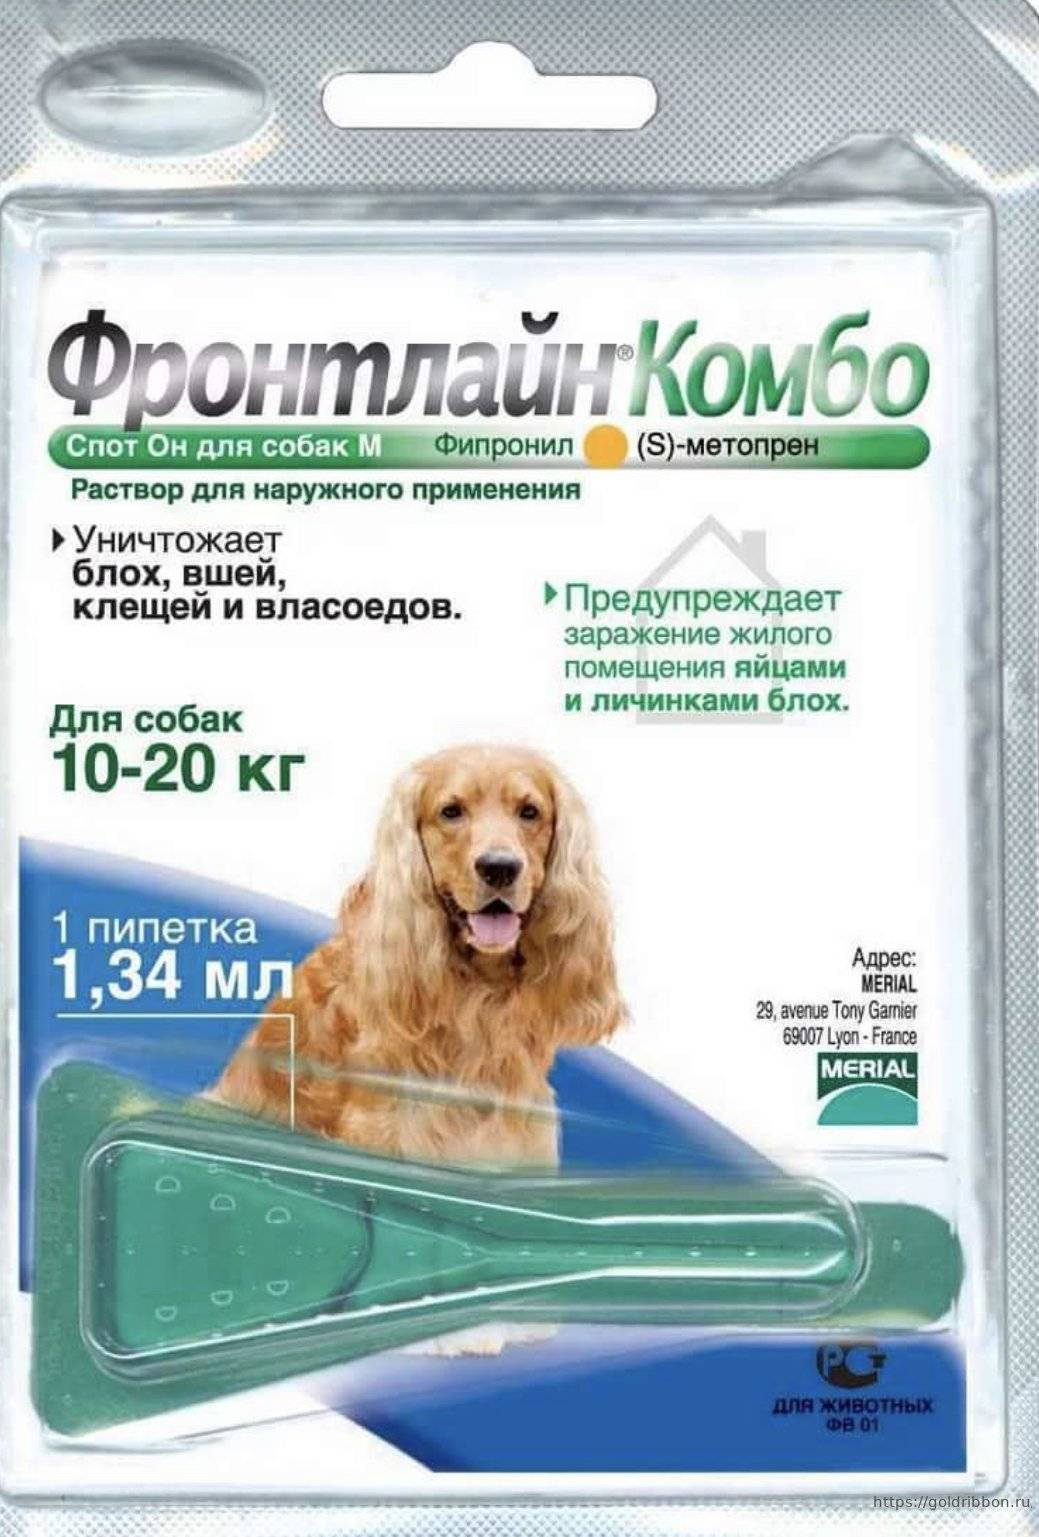 Как защитить собаку от клещей народными средствами